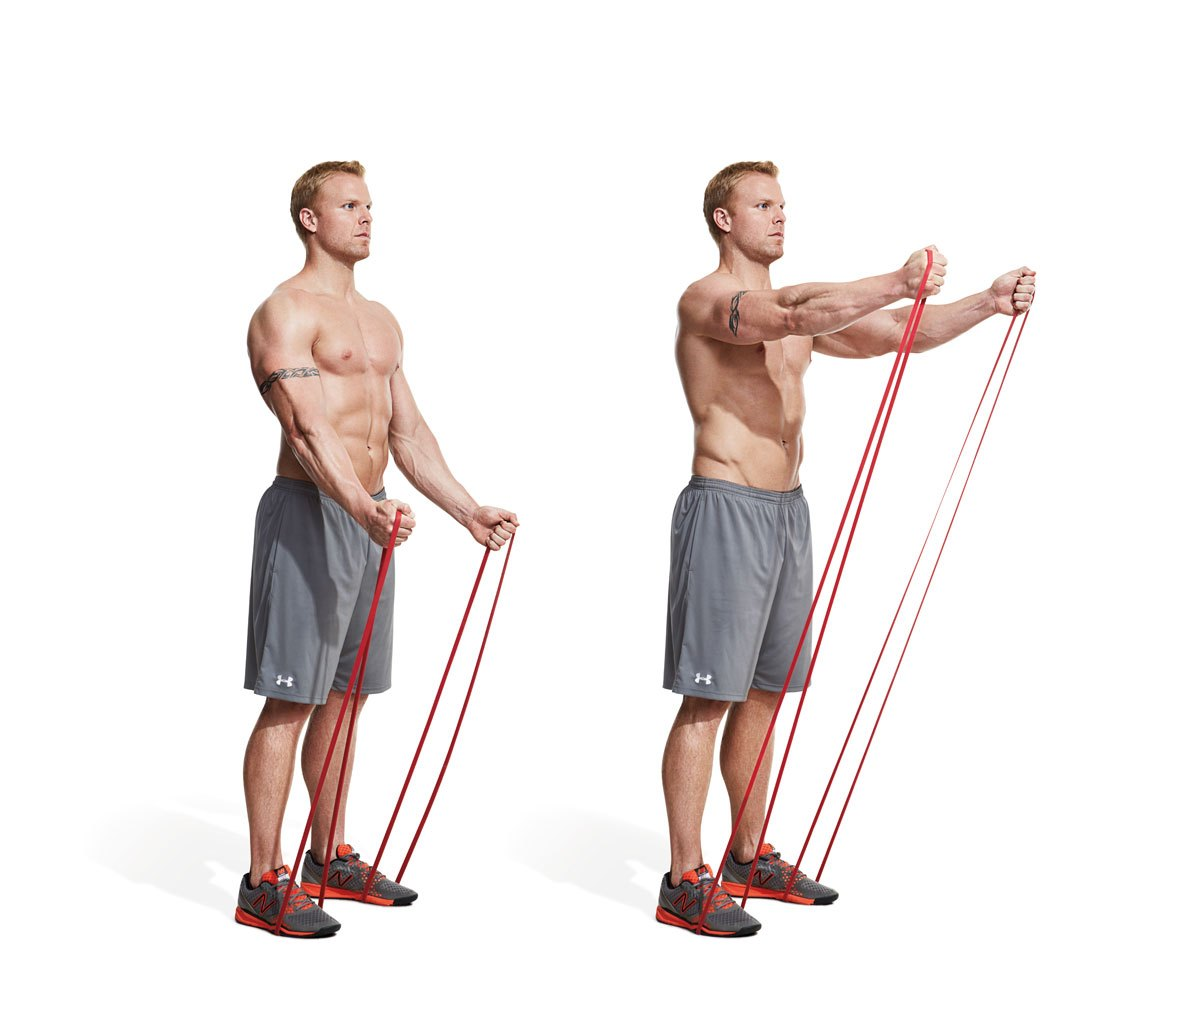 تمرین بدنسازی با کش برای عضلات شانه